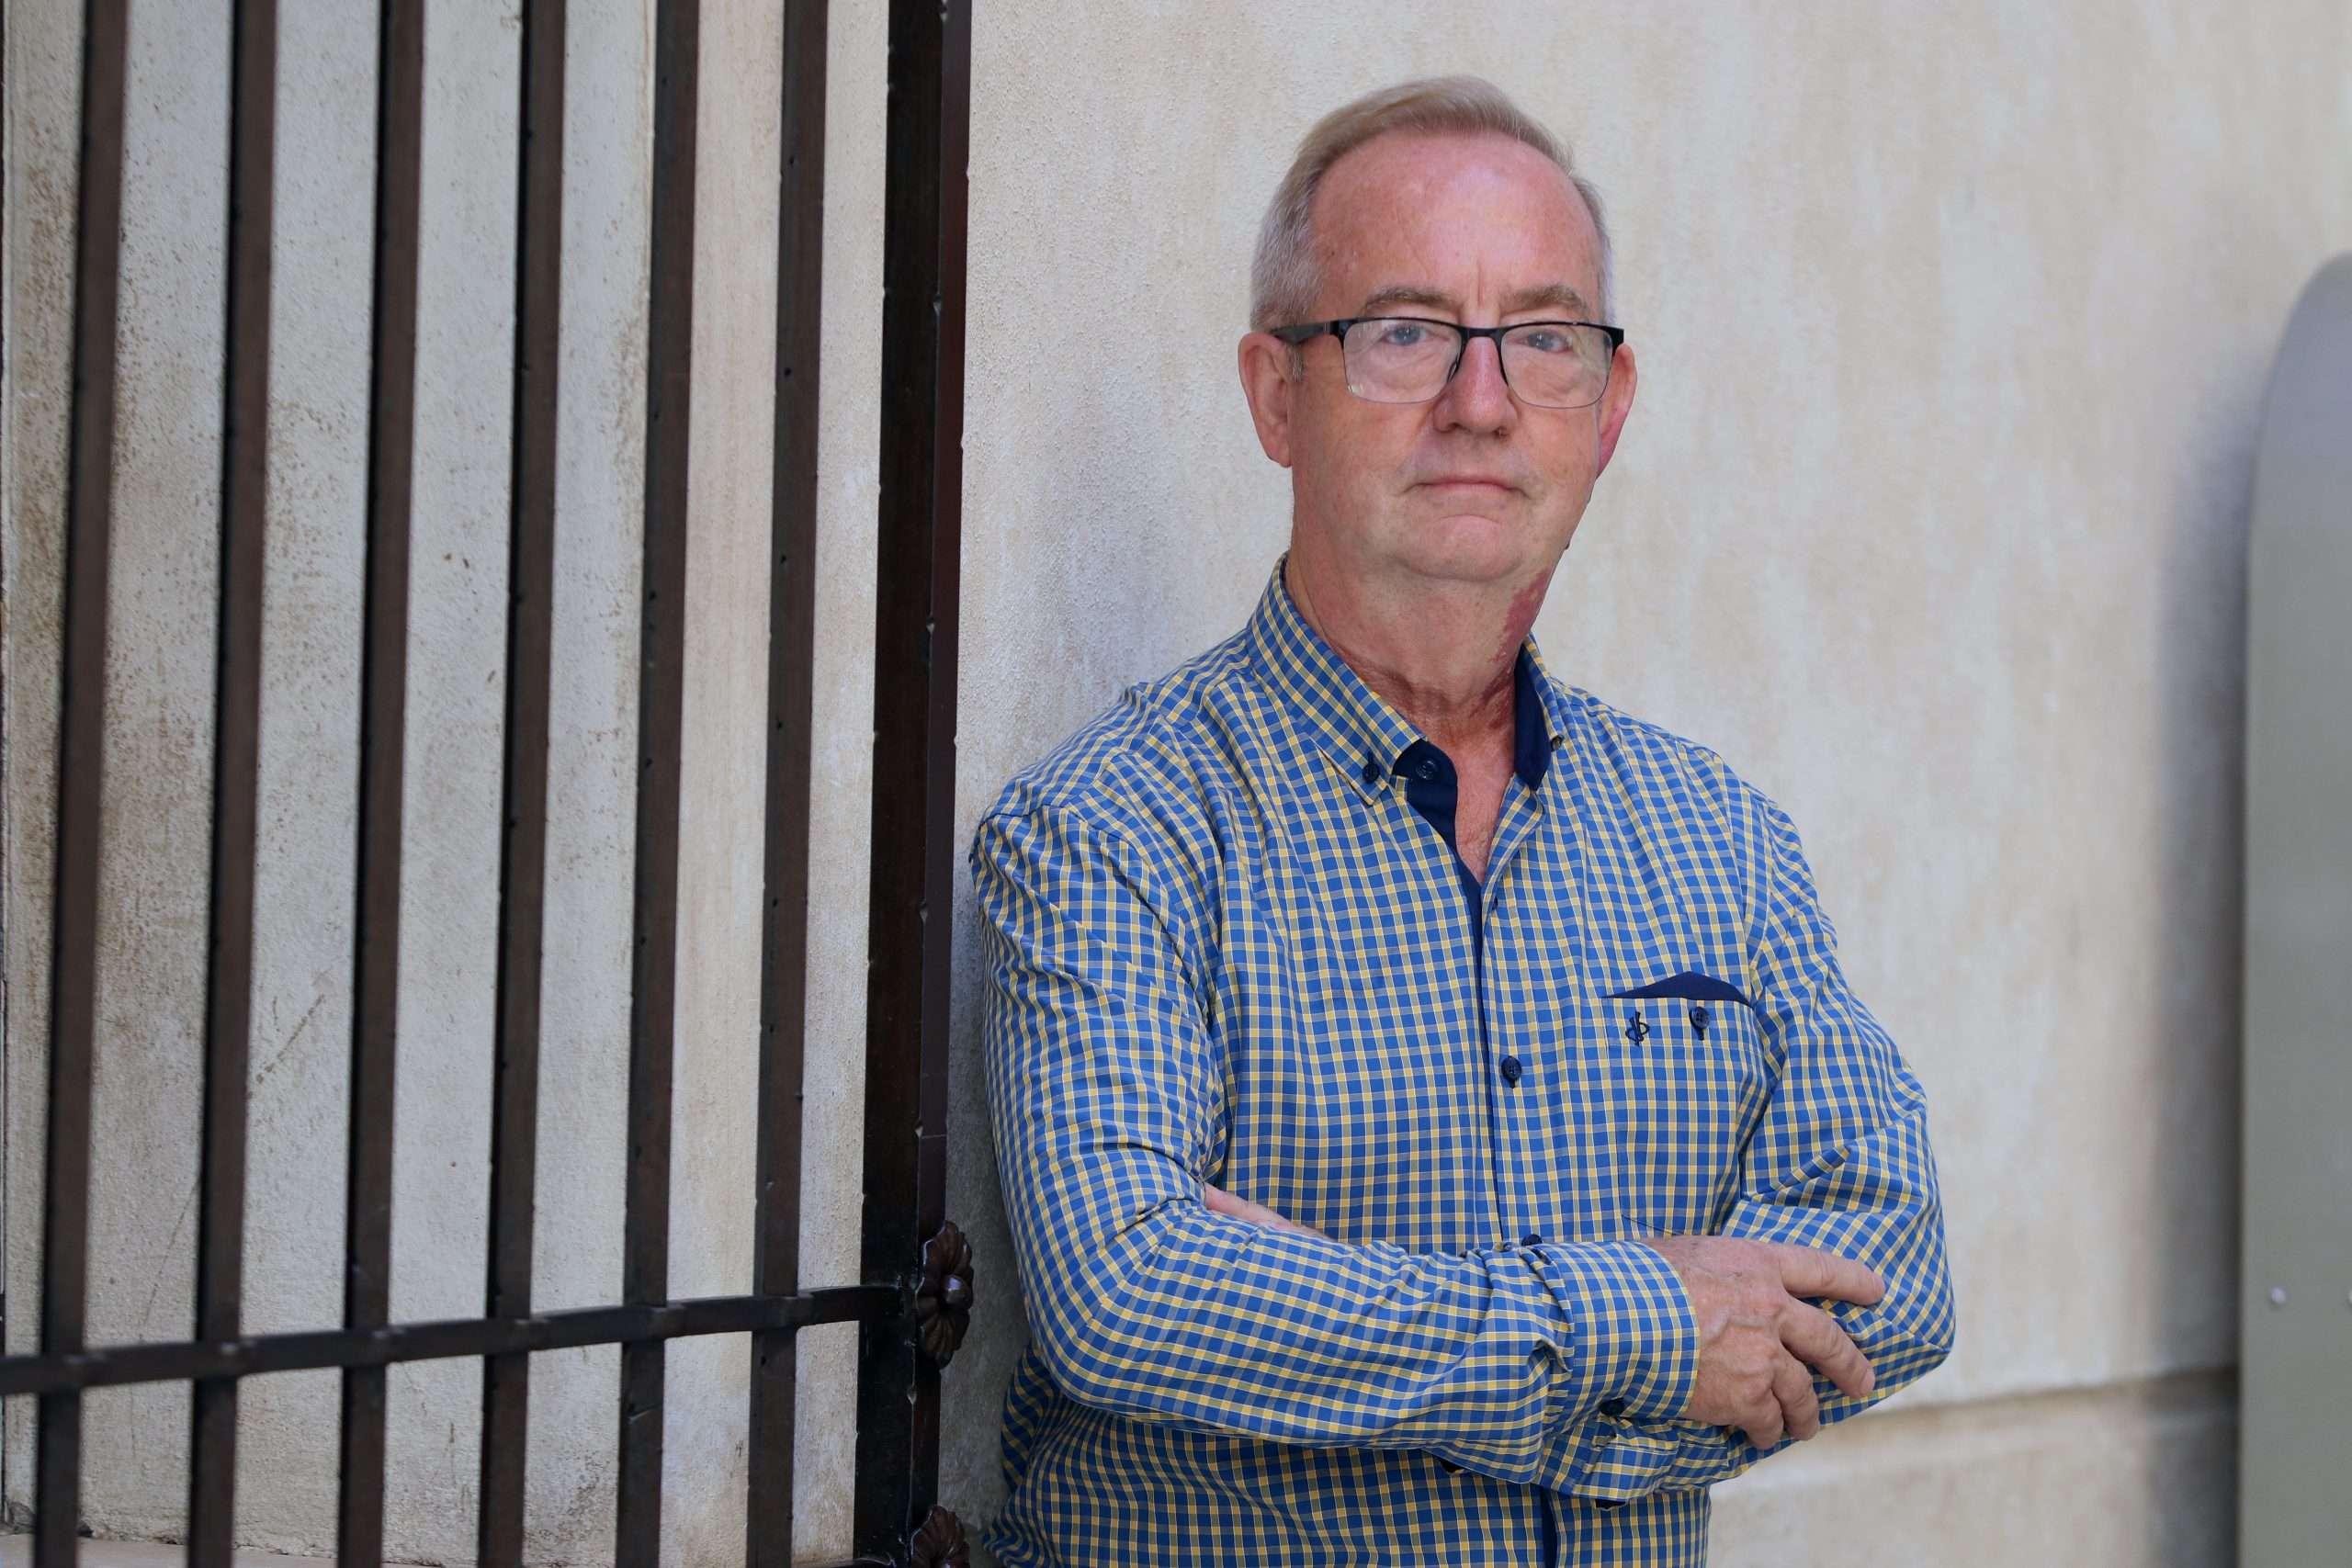 Gonzalo Fuentes nació en la localidad malagueña de Teba hace 63 años y su lucha sindical se remonta a más de cuarenta y cinco años.